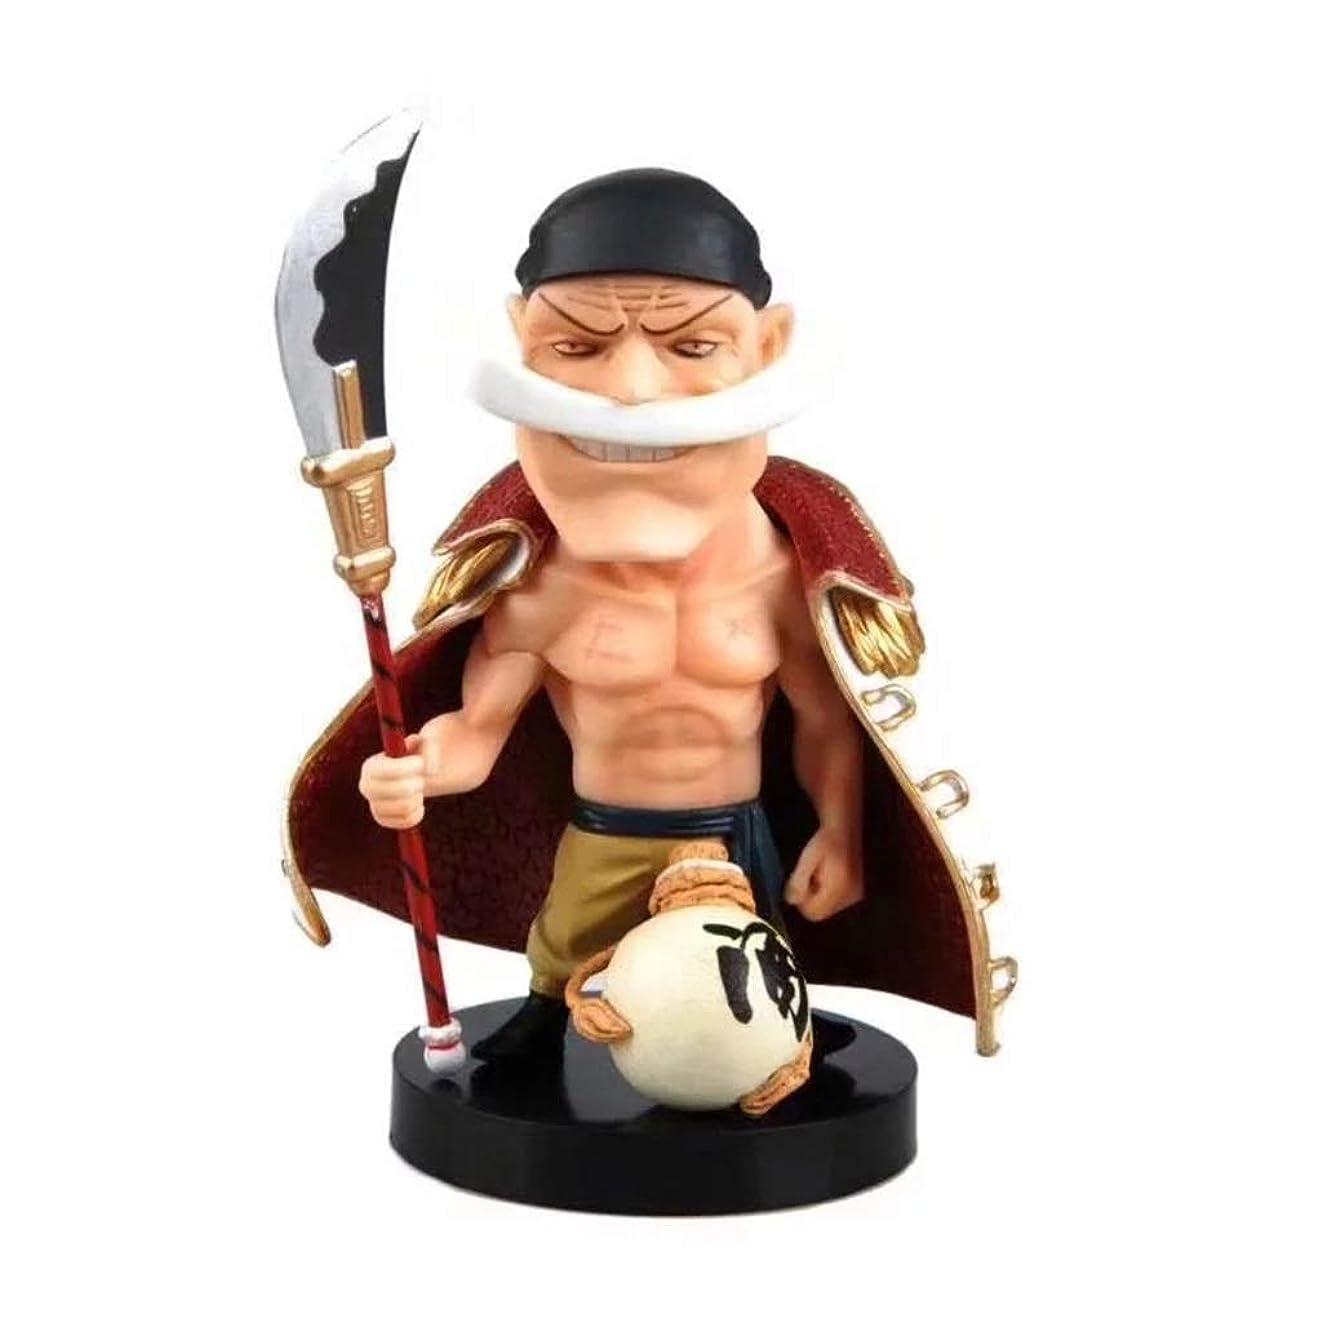 クレデンシャル葉っぱ音楽家揺れる頭白ひげ、PVCのおもちゃコレクション像のキャラクターの工芸品、像のおもちゃモデルの装飾、アニメのワンピースモデル(15cm) SHWSM